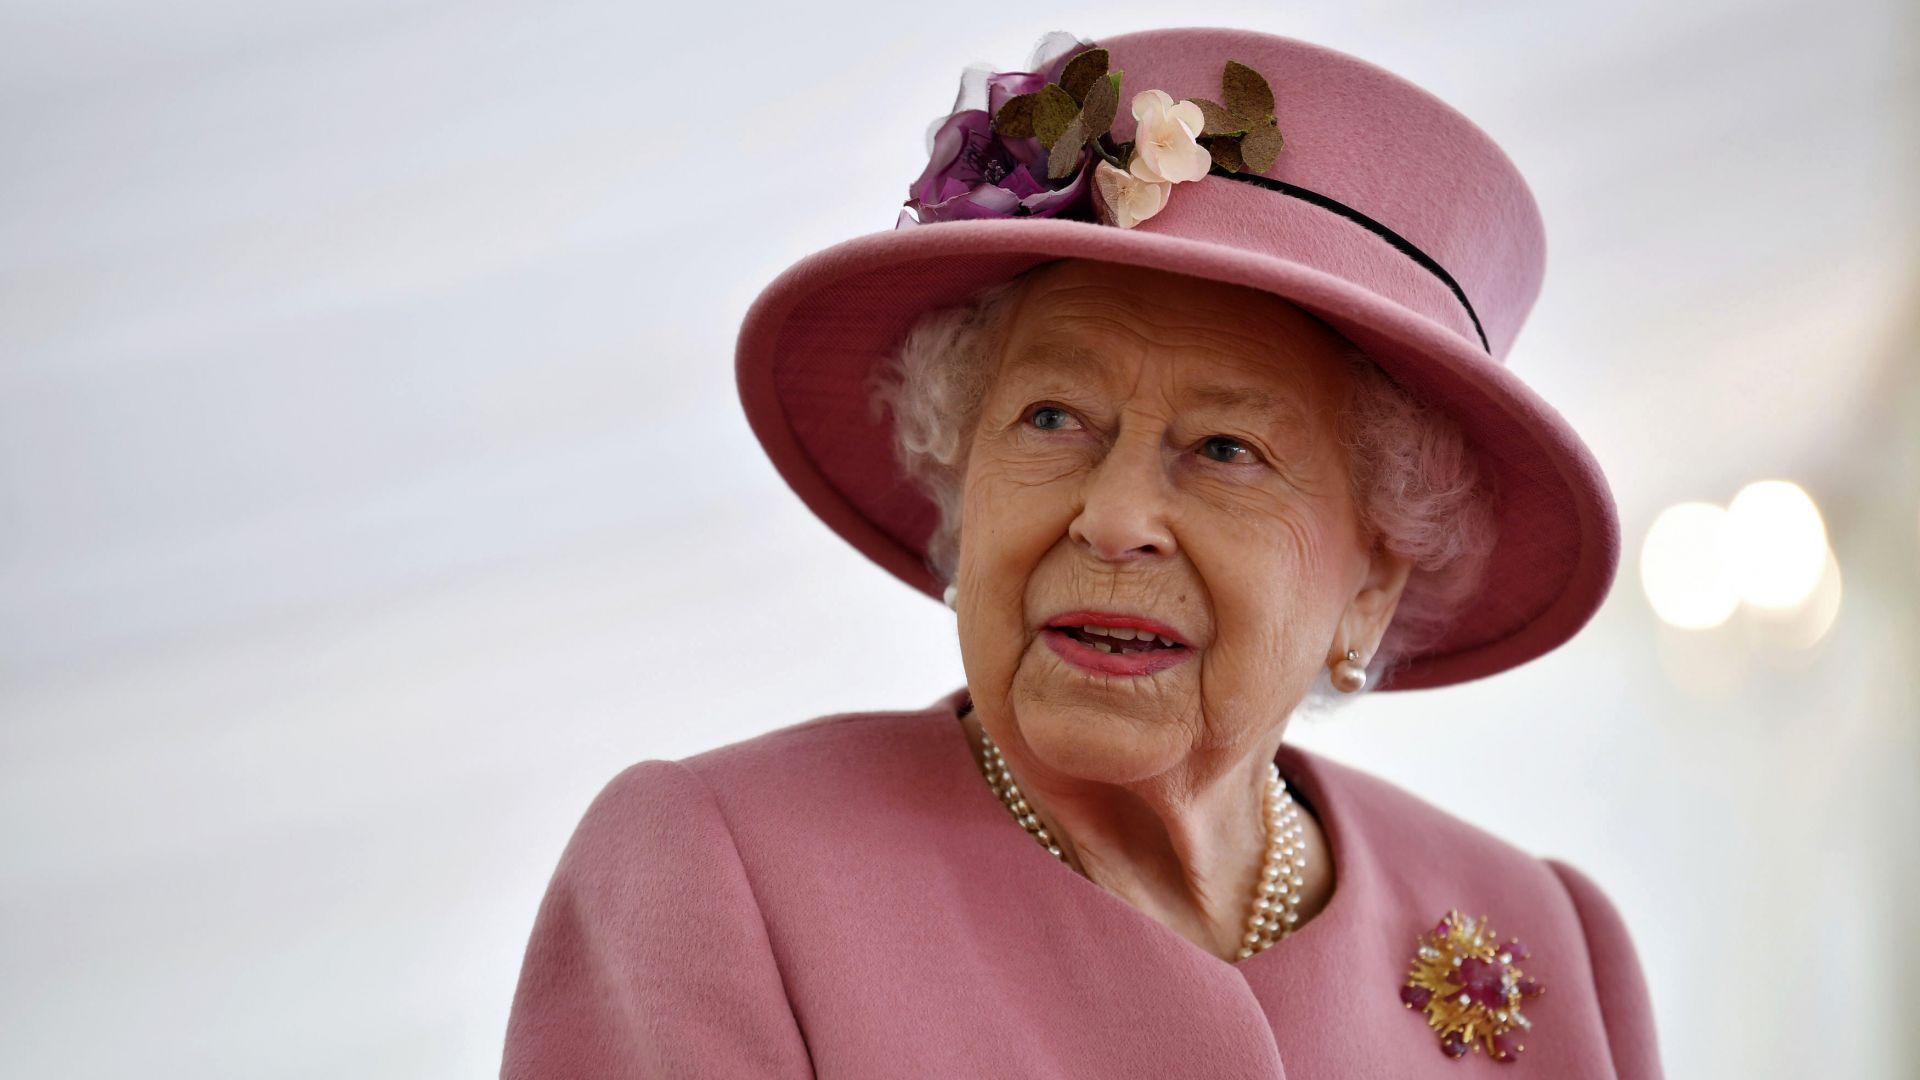 Първа публична поява на кралица Елизабет Втора след седем месеца изолация (снимки)